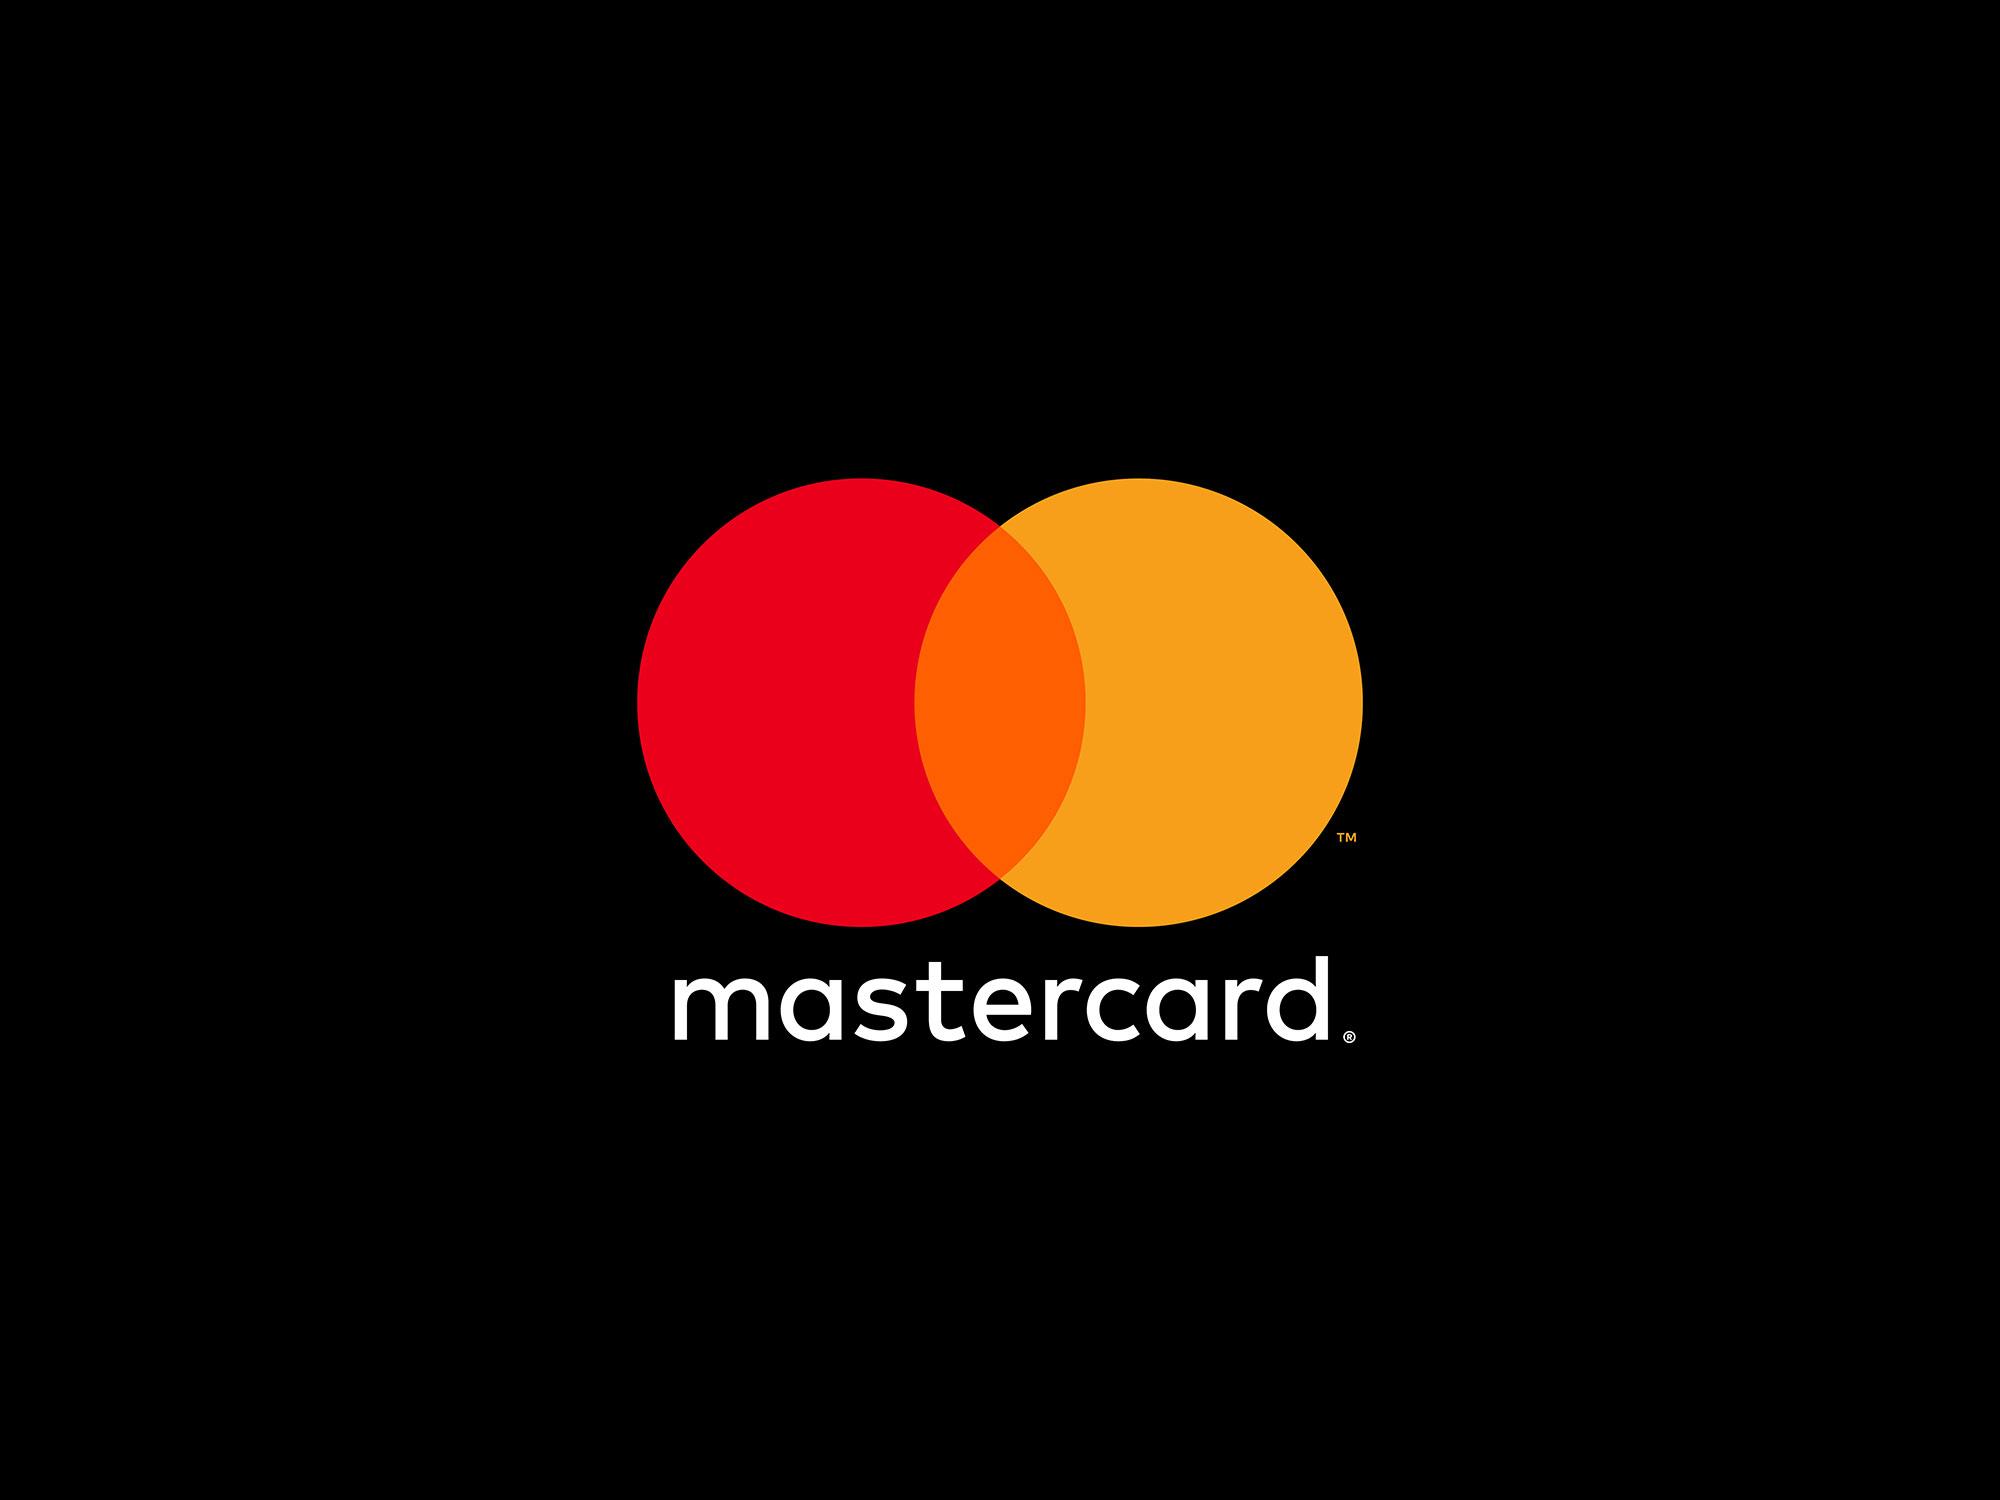 由美国纽约著名设计公司五角设计操刀的mastercard(万事达卡)的新logo